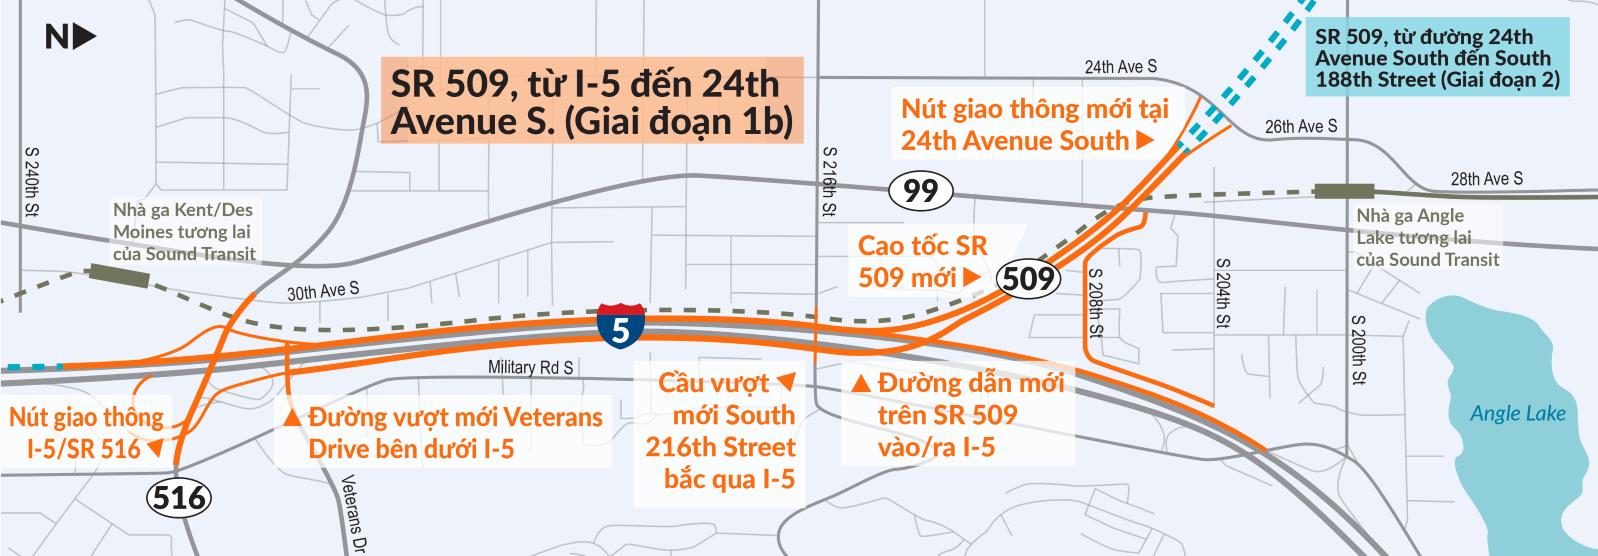 SR 509, từ I-5 đến 24th Avenue S. (Giai đoạn 1b)